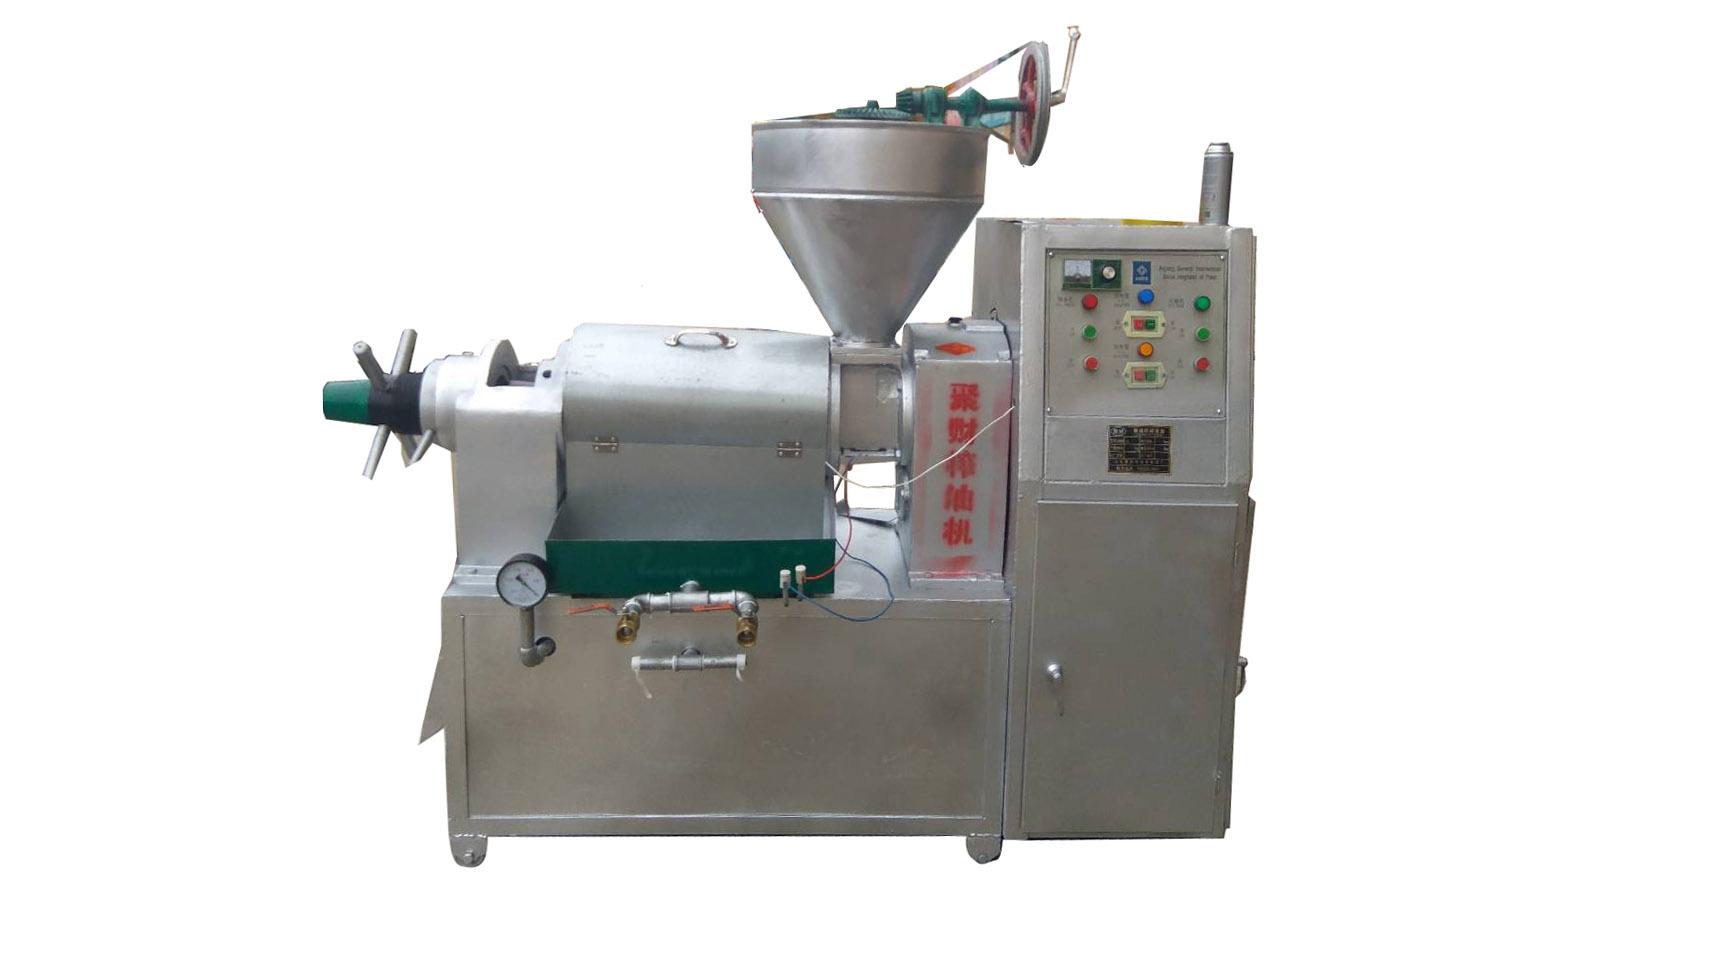 油膩榨油機低價批發_優惠的螺旋榨油機聚財豆制品成套設備供應